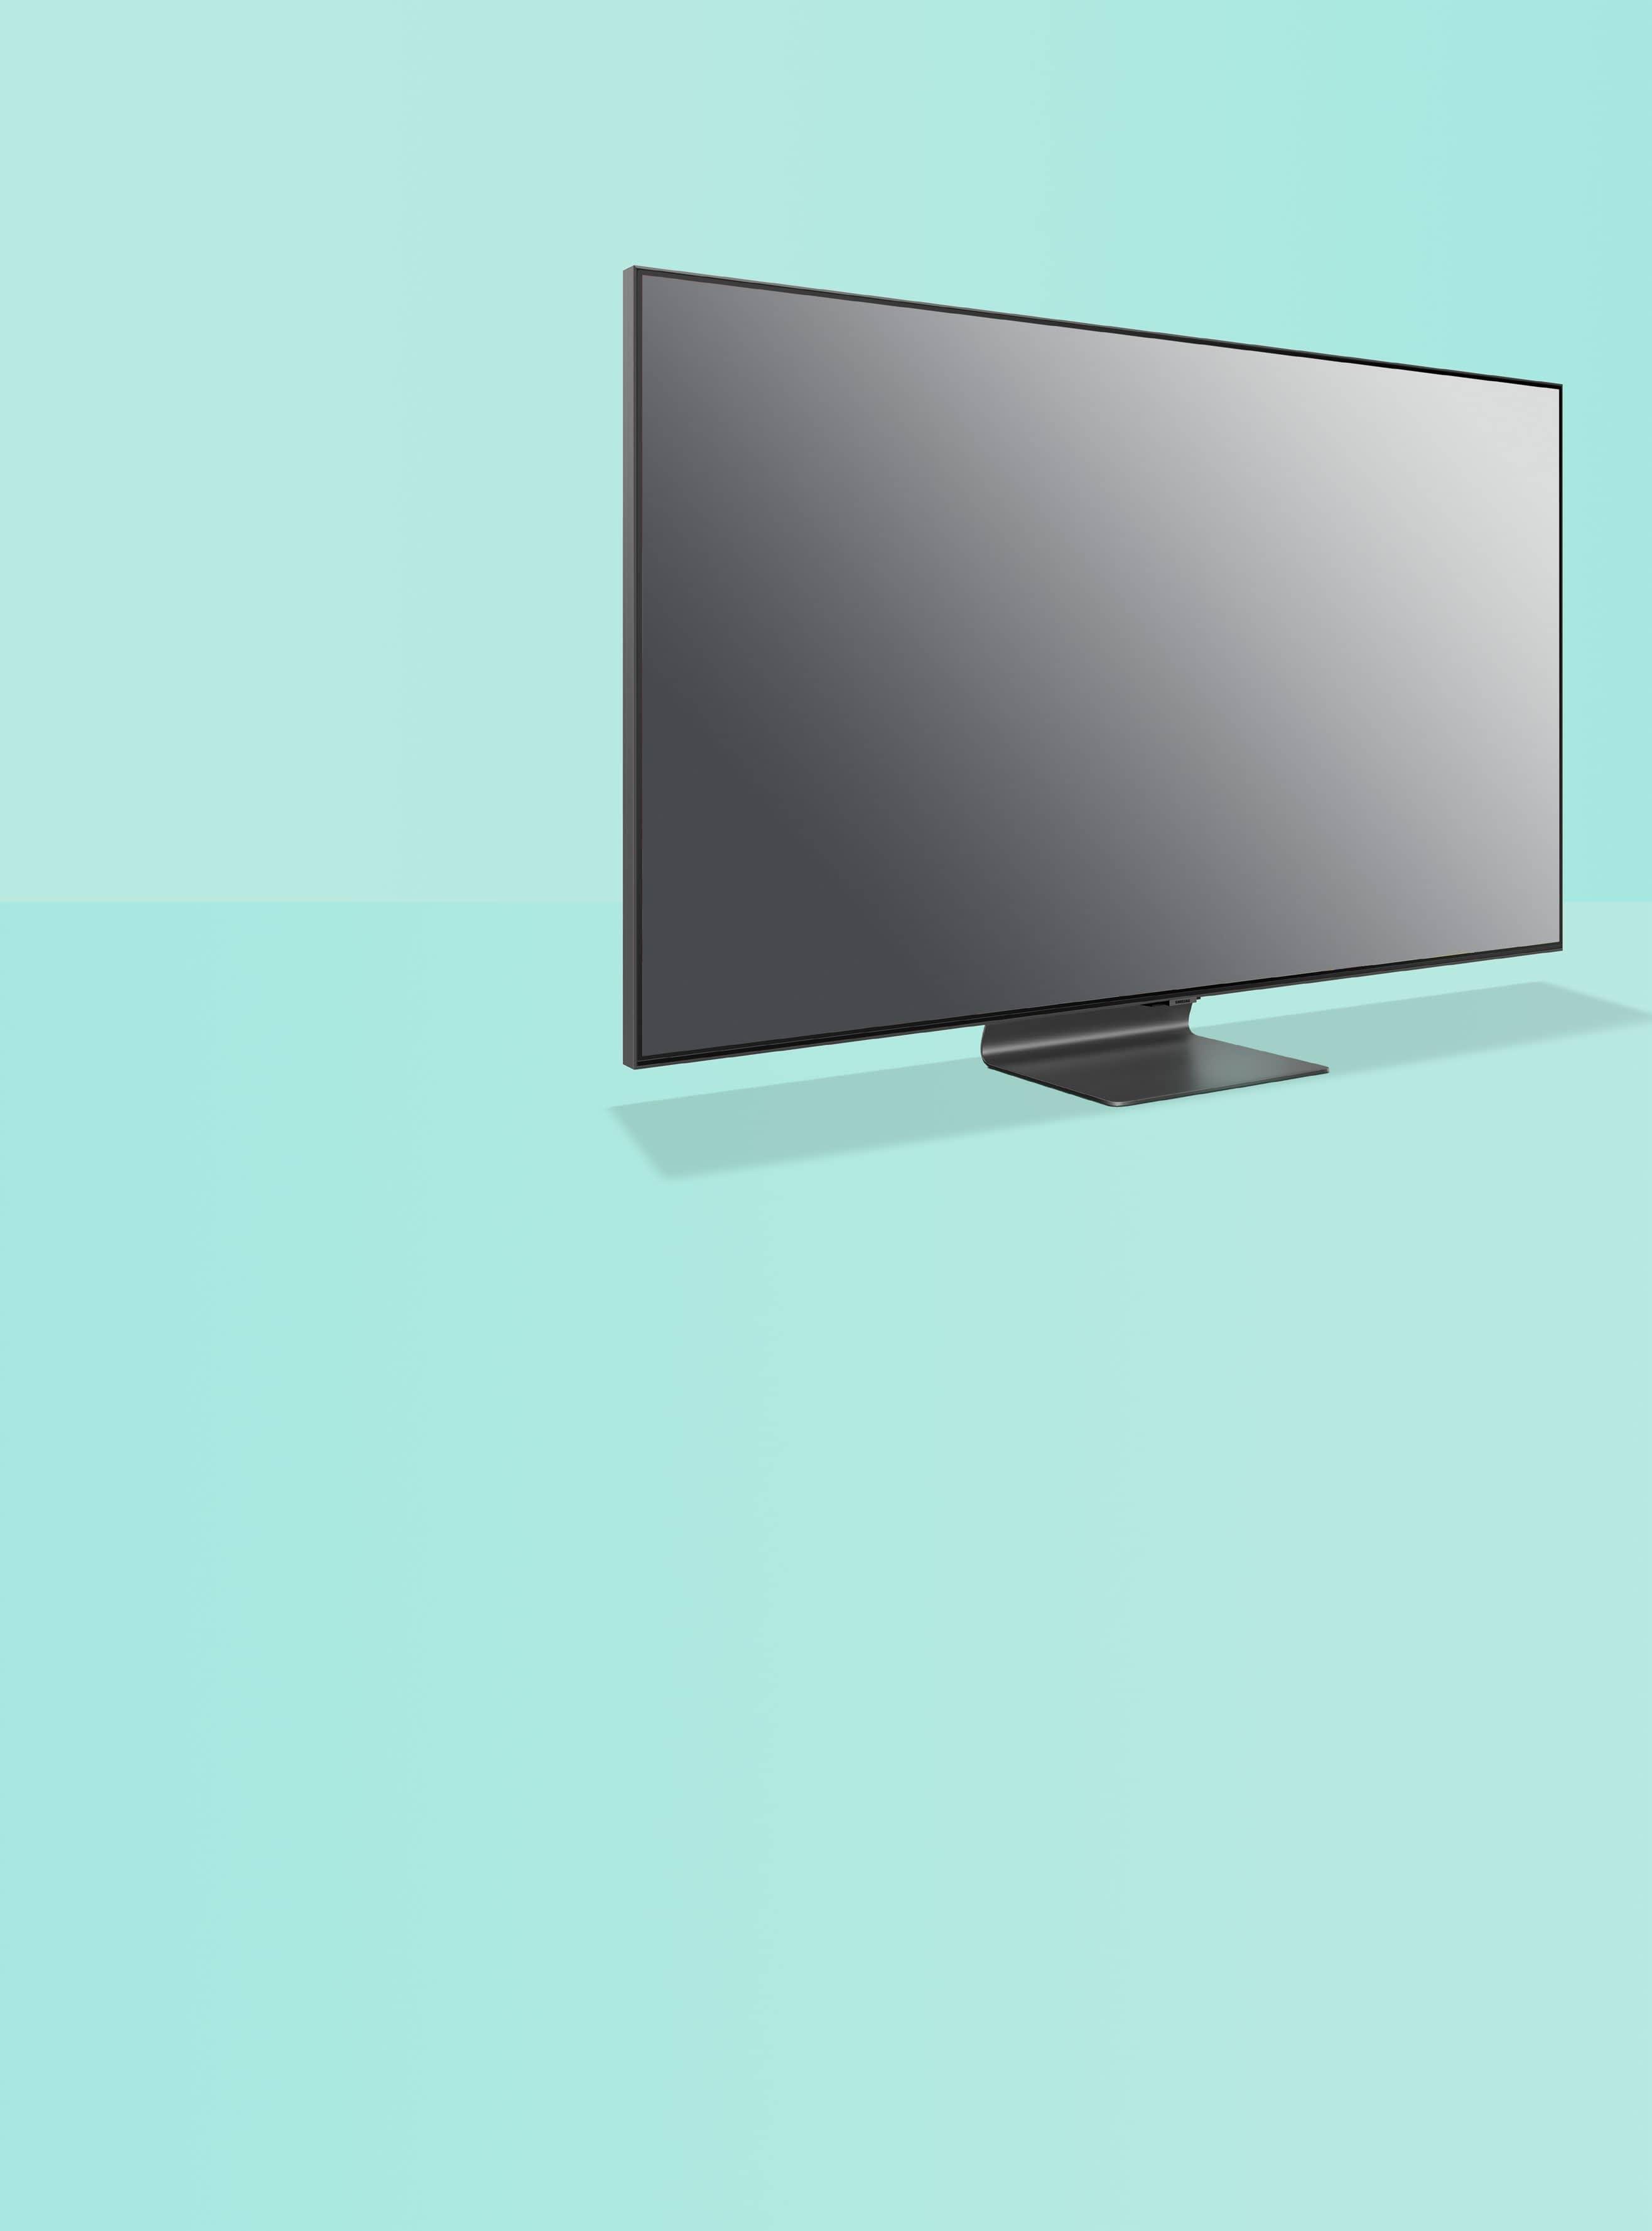 DREAM COME Q: Samsung Q95T